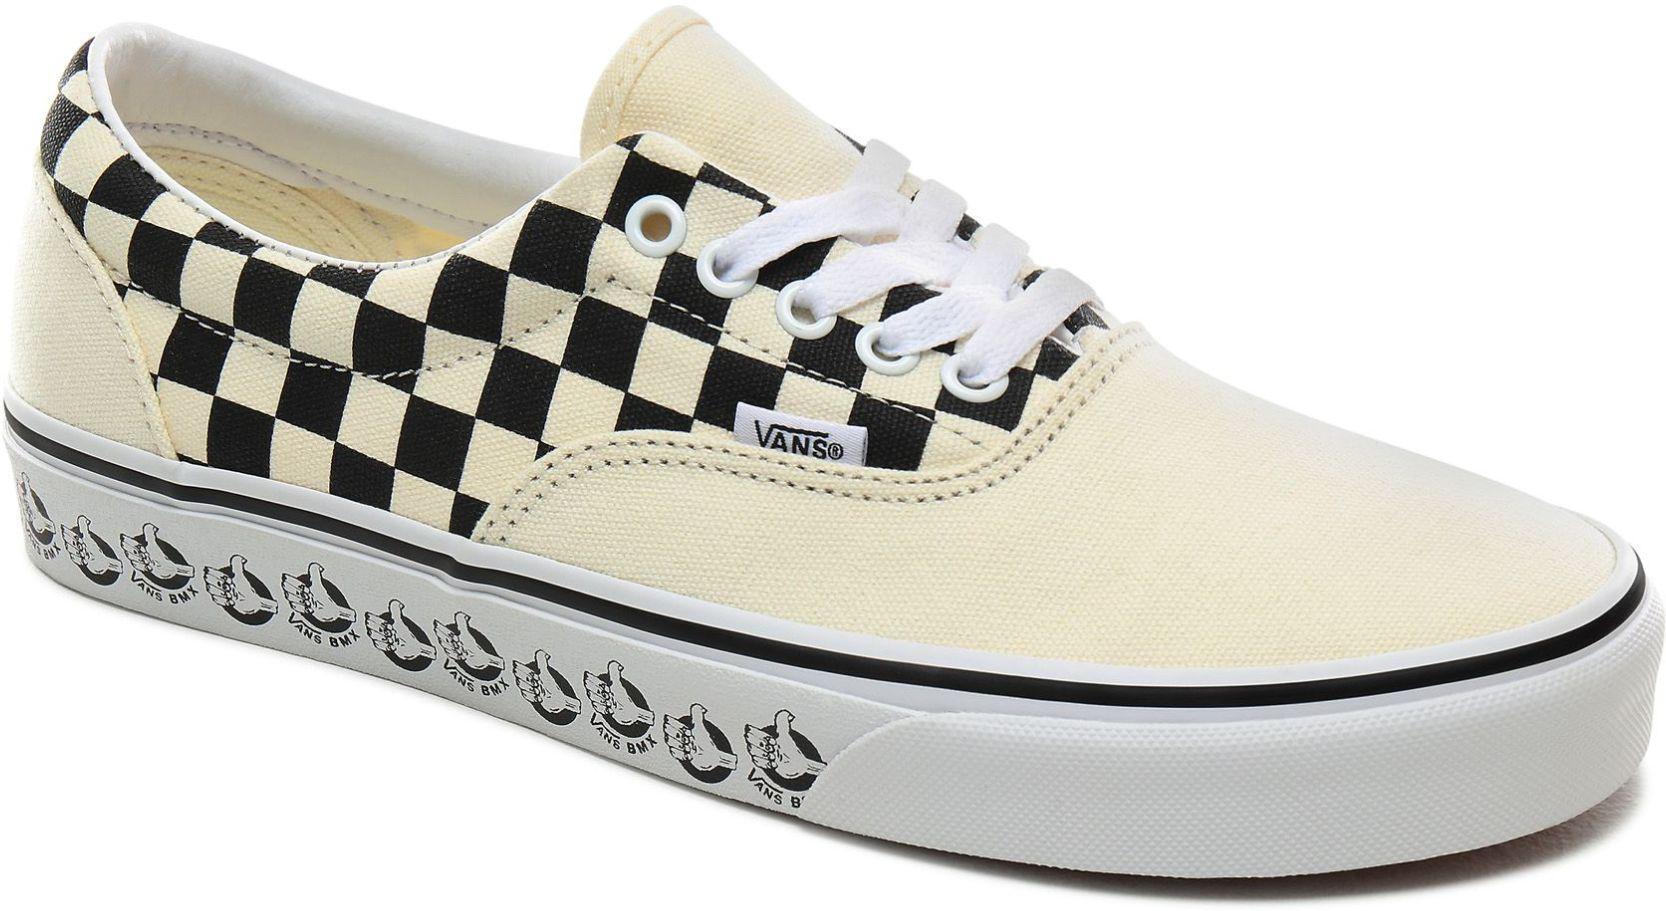 pánske topánky VANS ERA (VANS BMX) White/Black